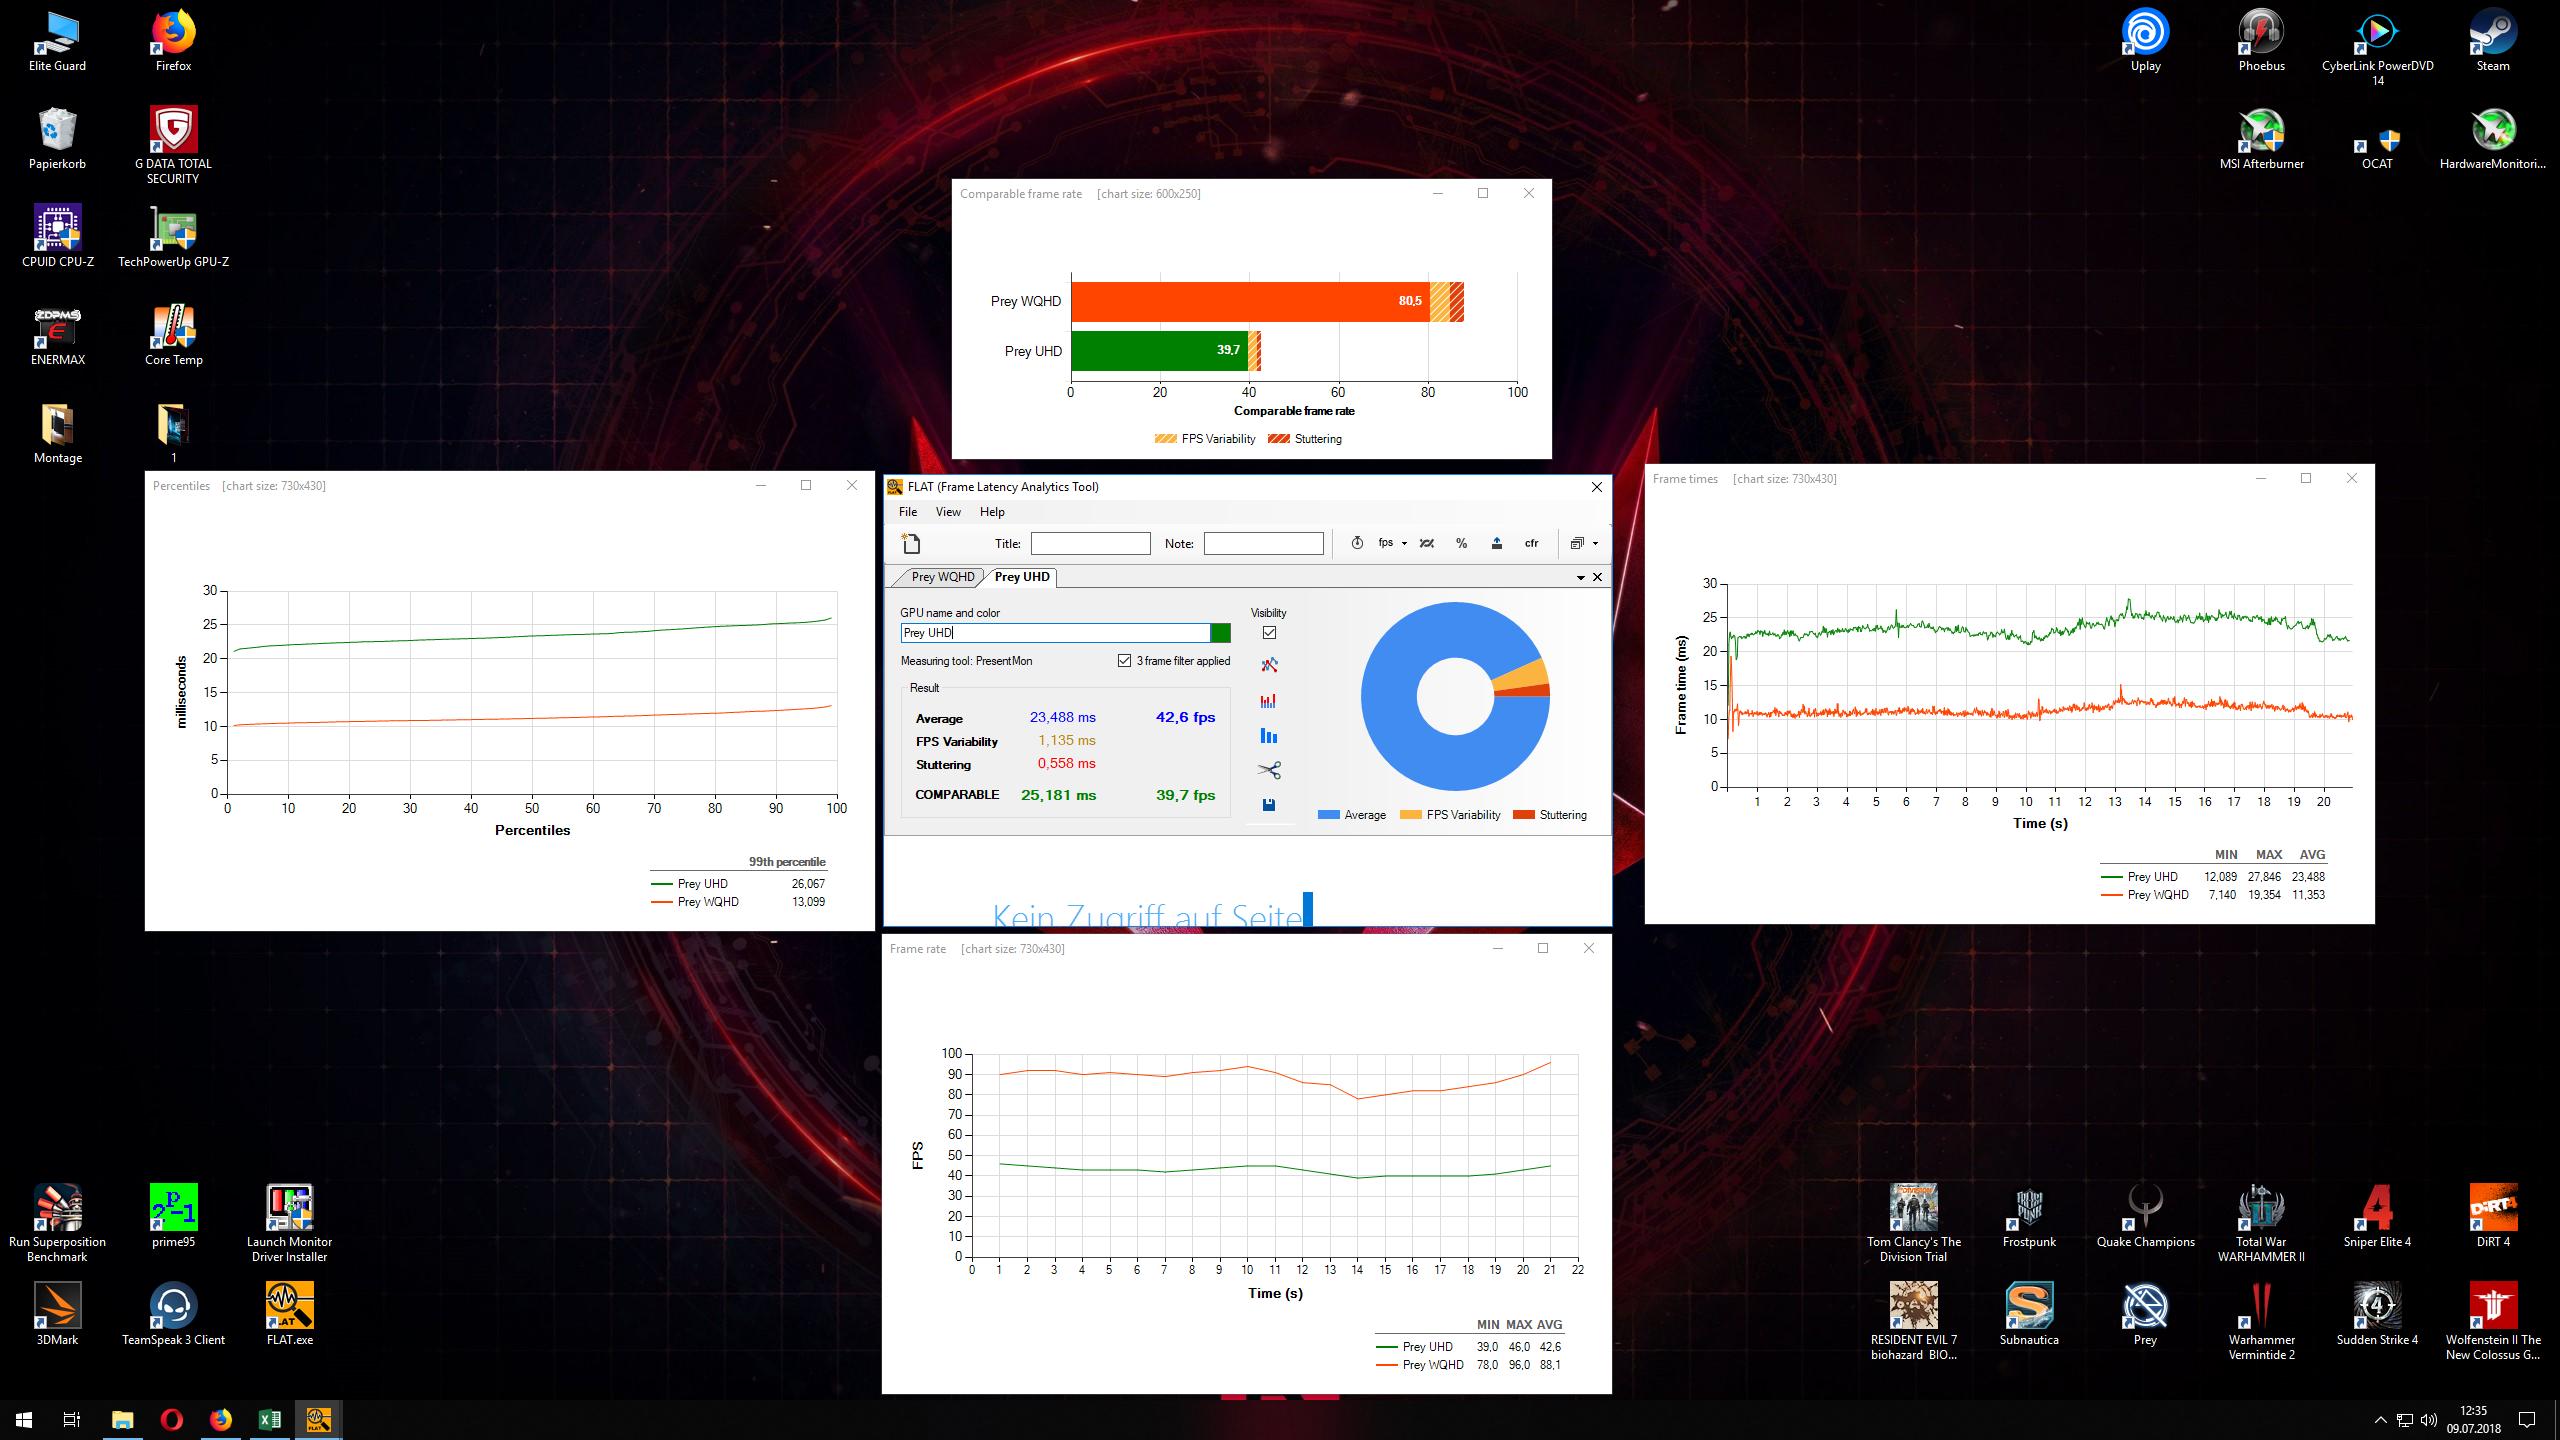 Klicken Sie auf die Grafik für eine größere Ansicht  Name:Prey UHD.png Hits:636 Größe:1,67 MB ID:1002374